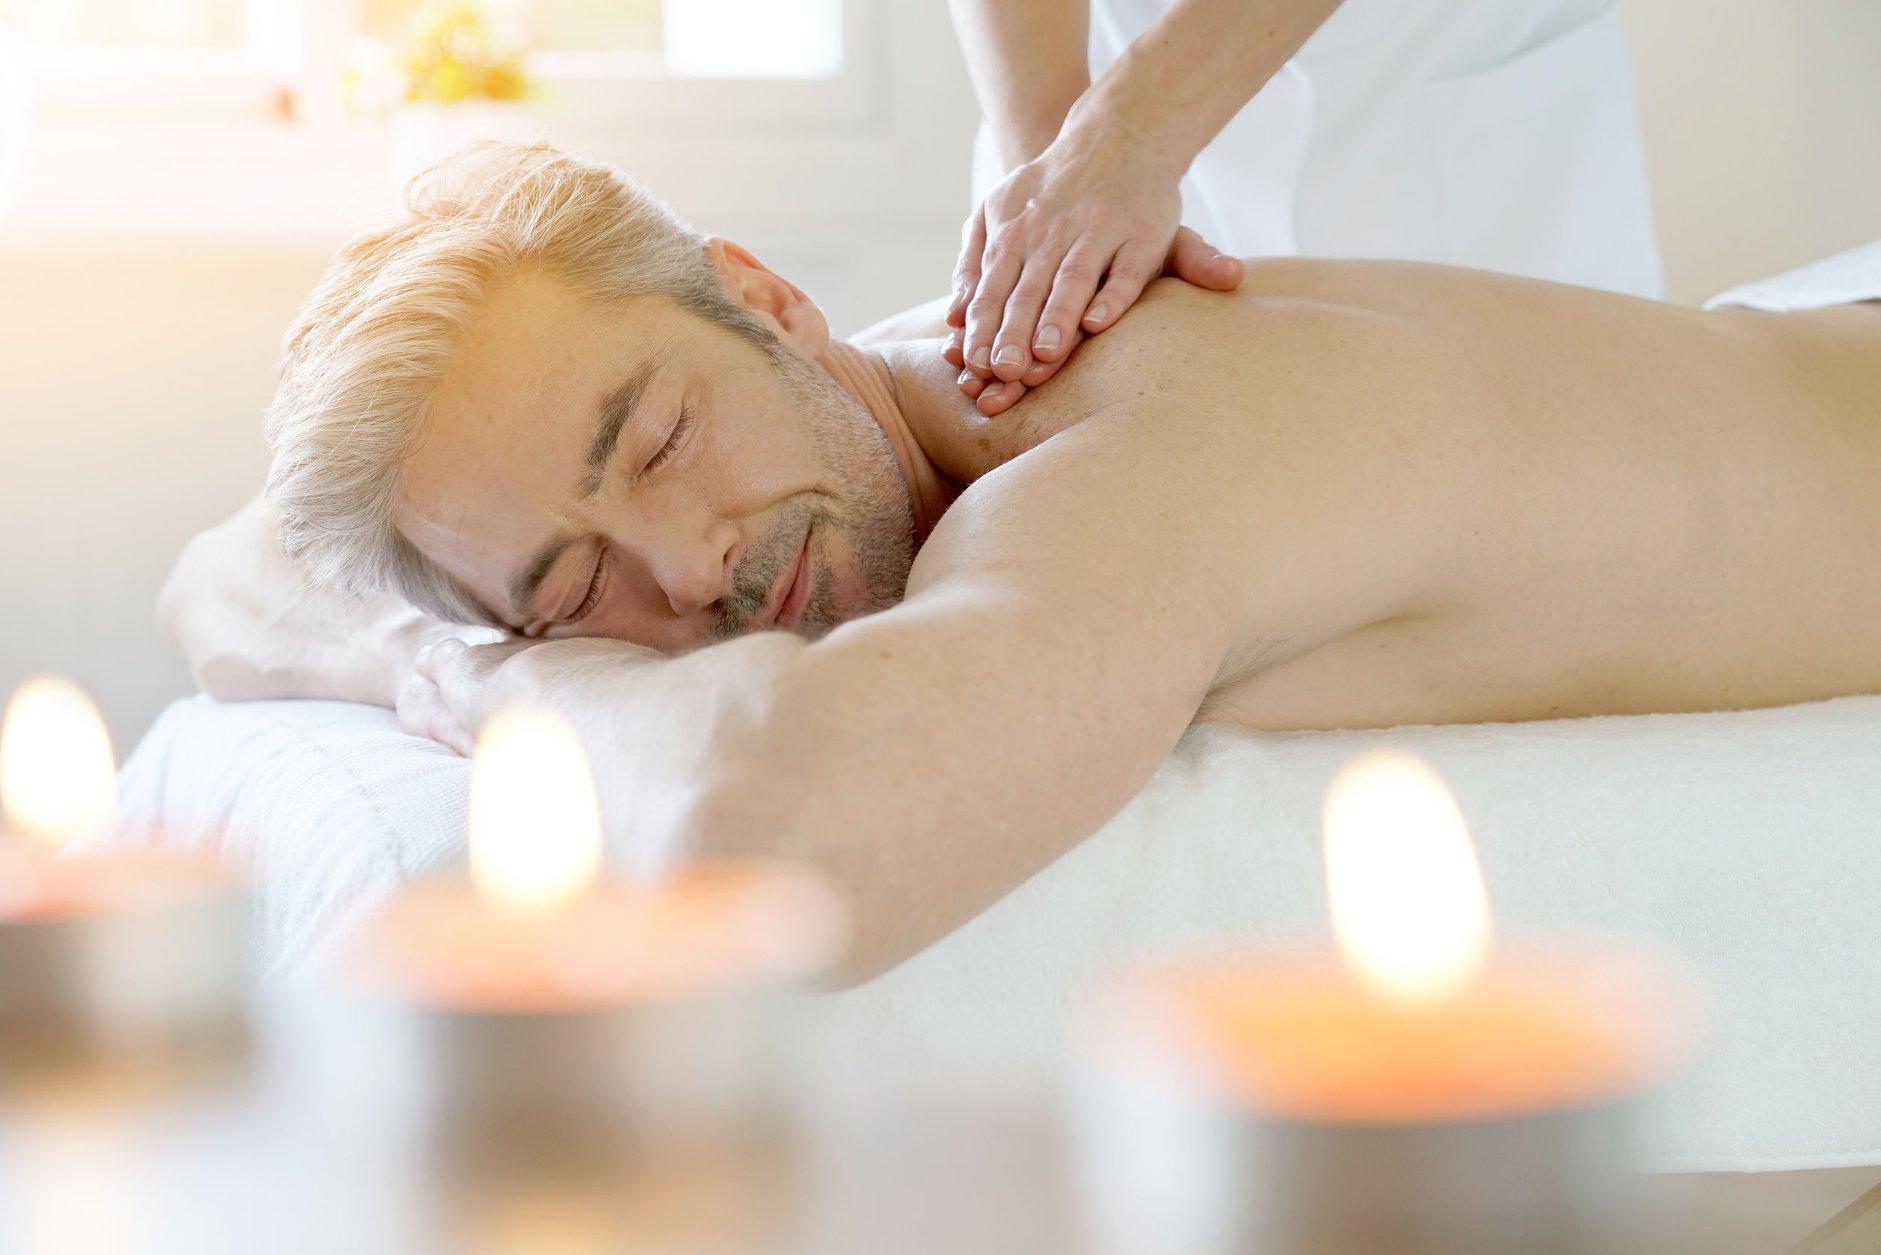 C'est bientôt la fête des pères. A cette occasion offrez lui un massage Instant présent, un soin tot...